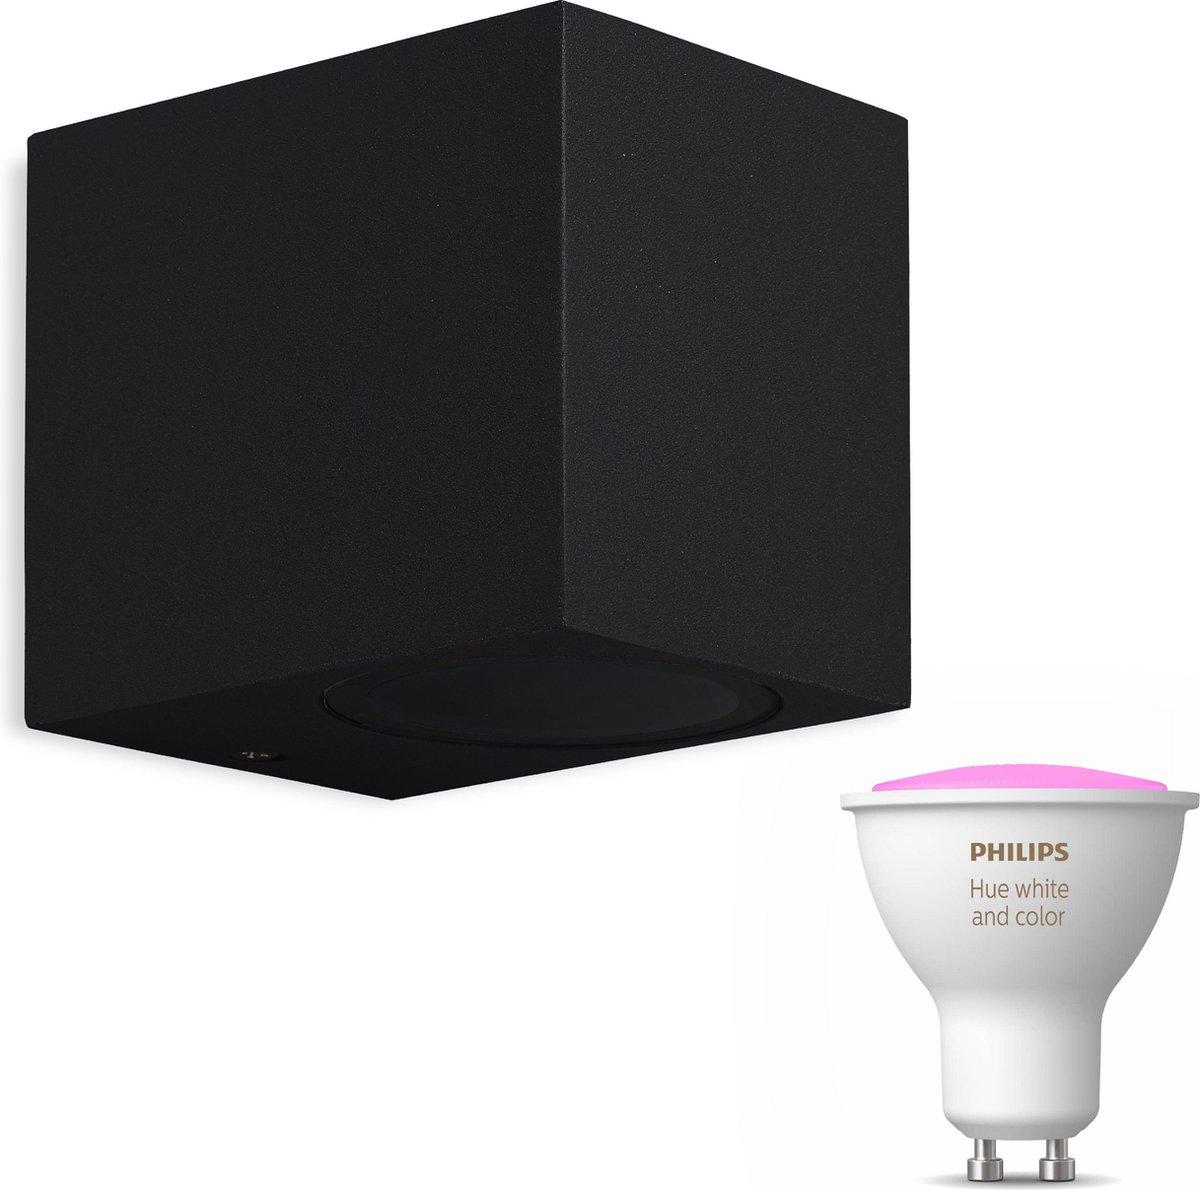 Mantra Kandachu wandlamp vierkant - zwart - 1 lichtpunt - Incl. Philips Hue White & Color Ambiance Gu10 (geschikt voor buitengebruik)